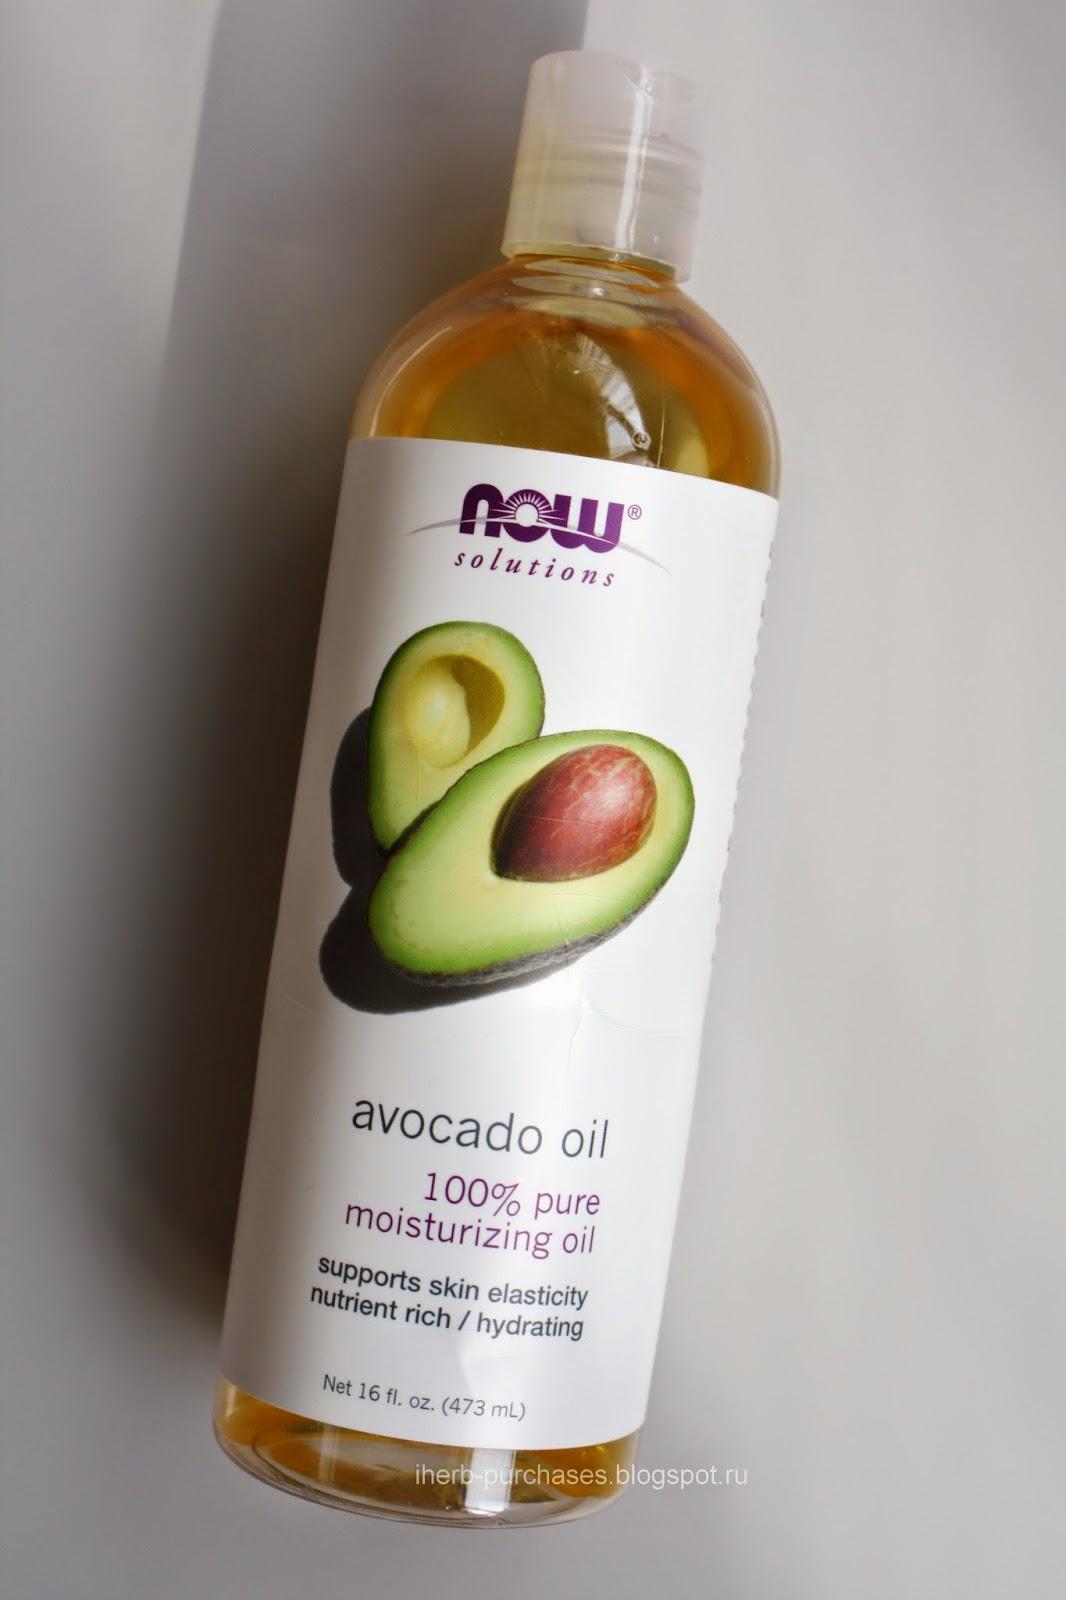 Масло авокадо, для волос, для кожи, базовые масла, отзыв